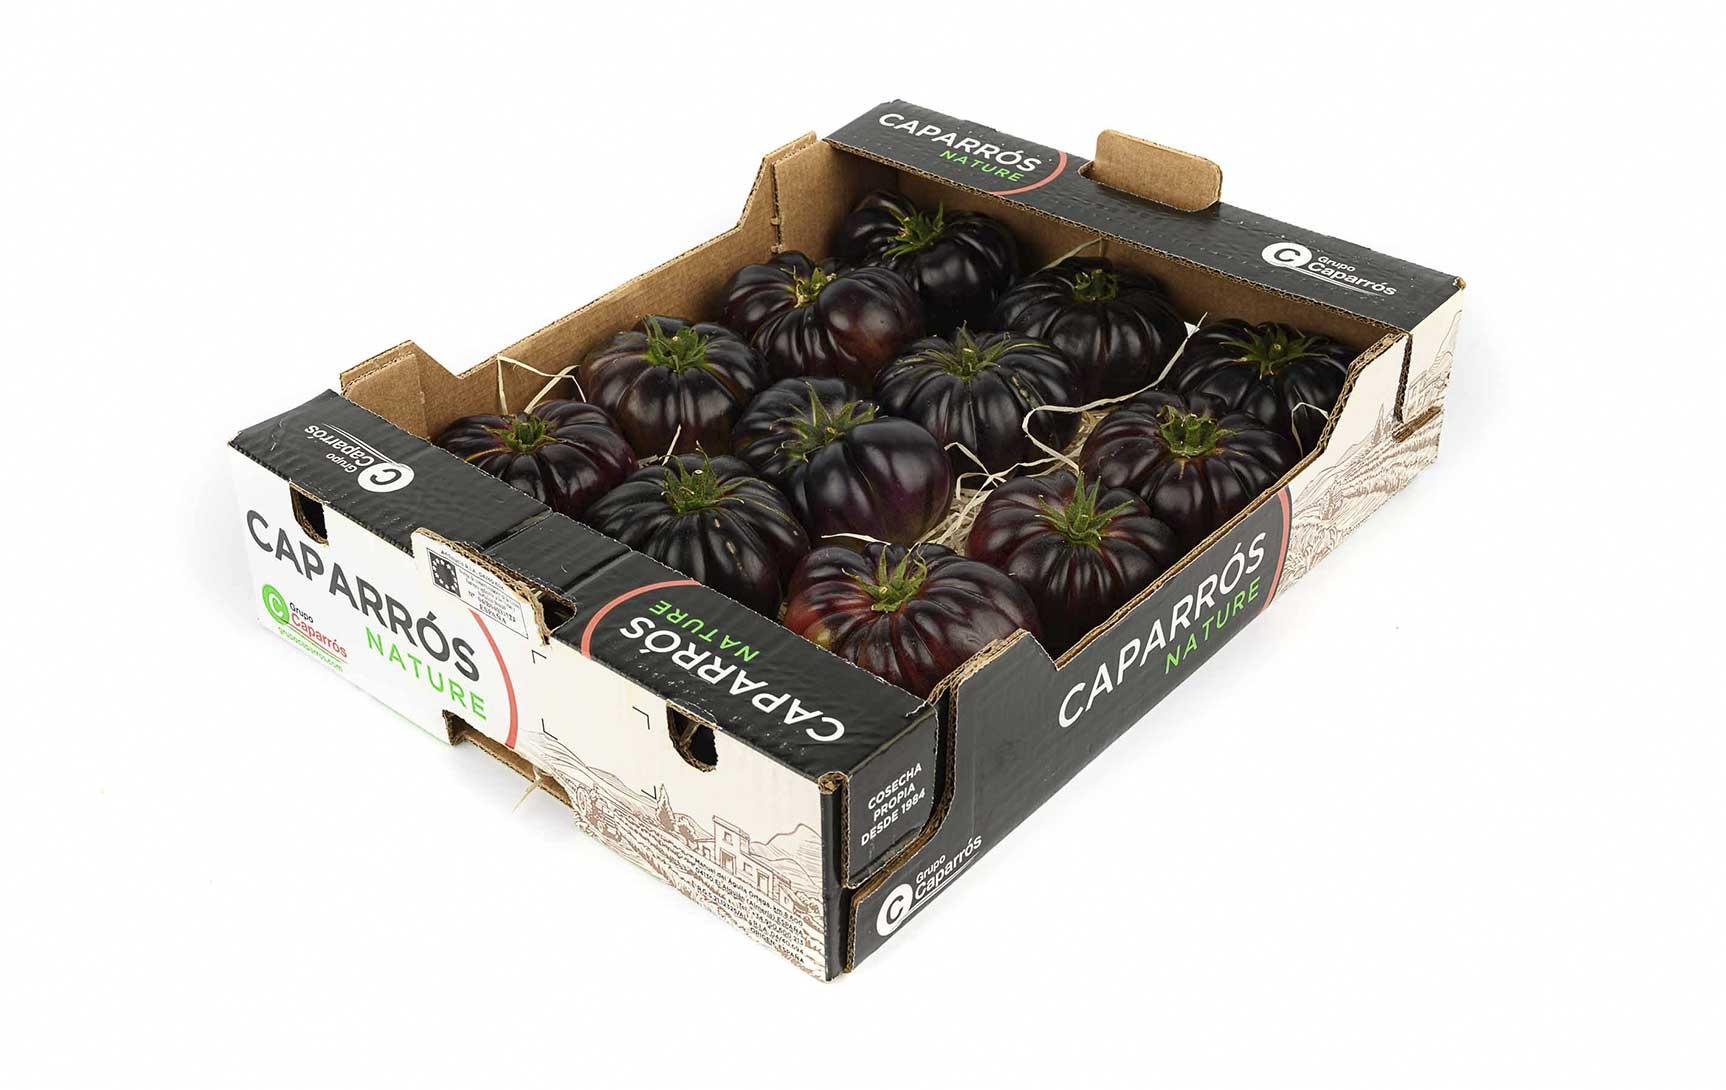 Packaging tomate-violeta-caparrós